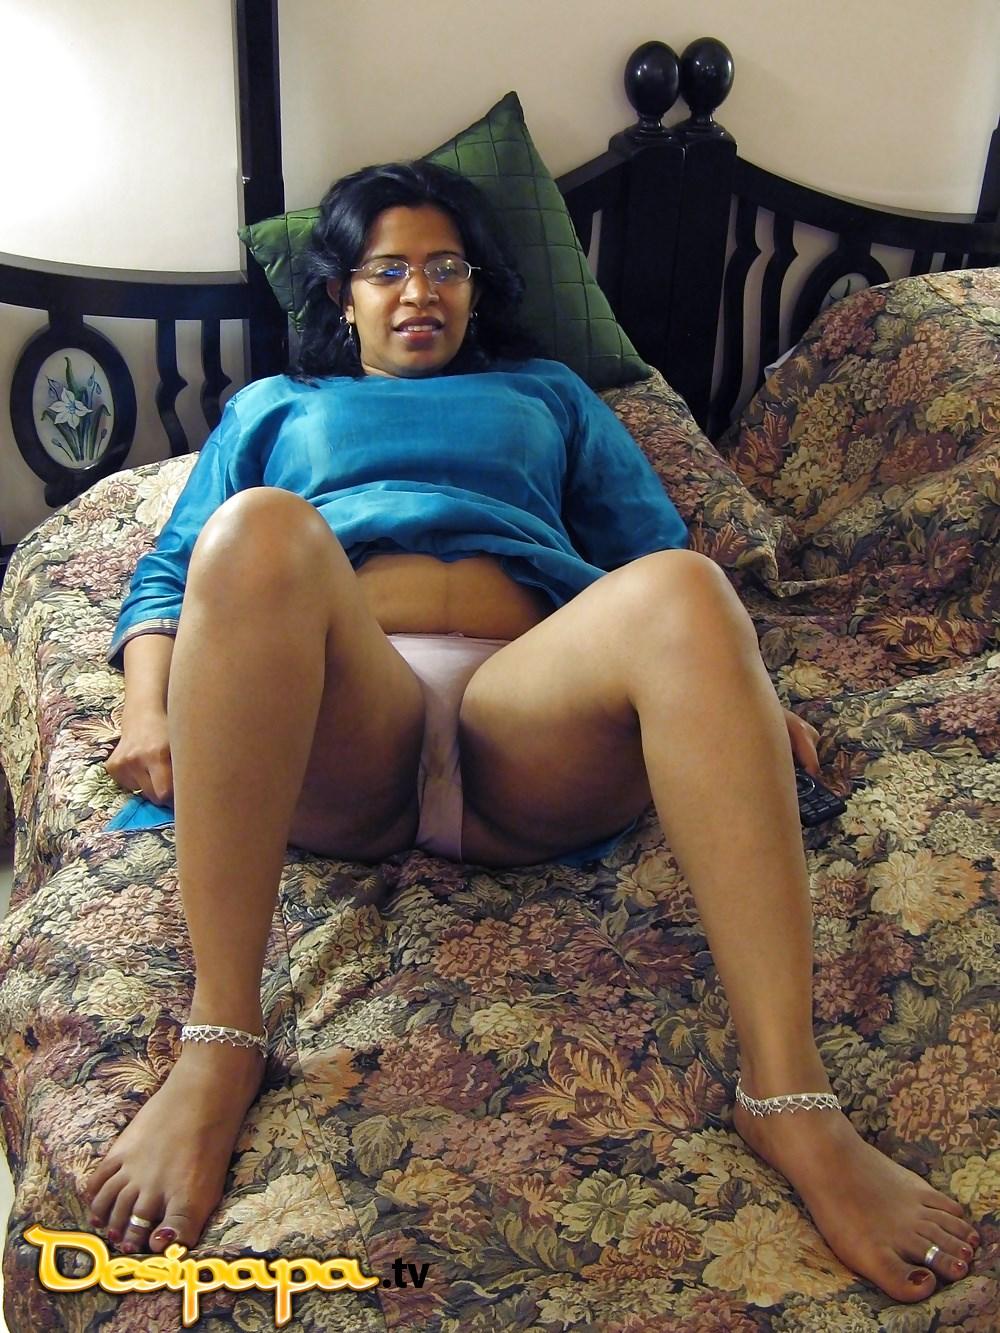 Indian girls nude rakhee pics — img 3